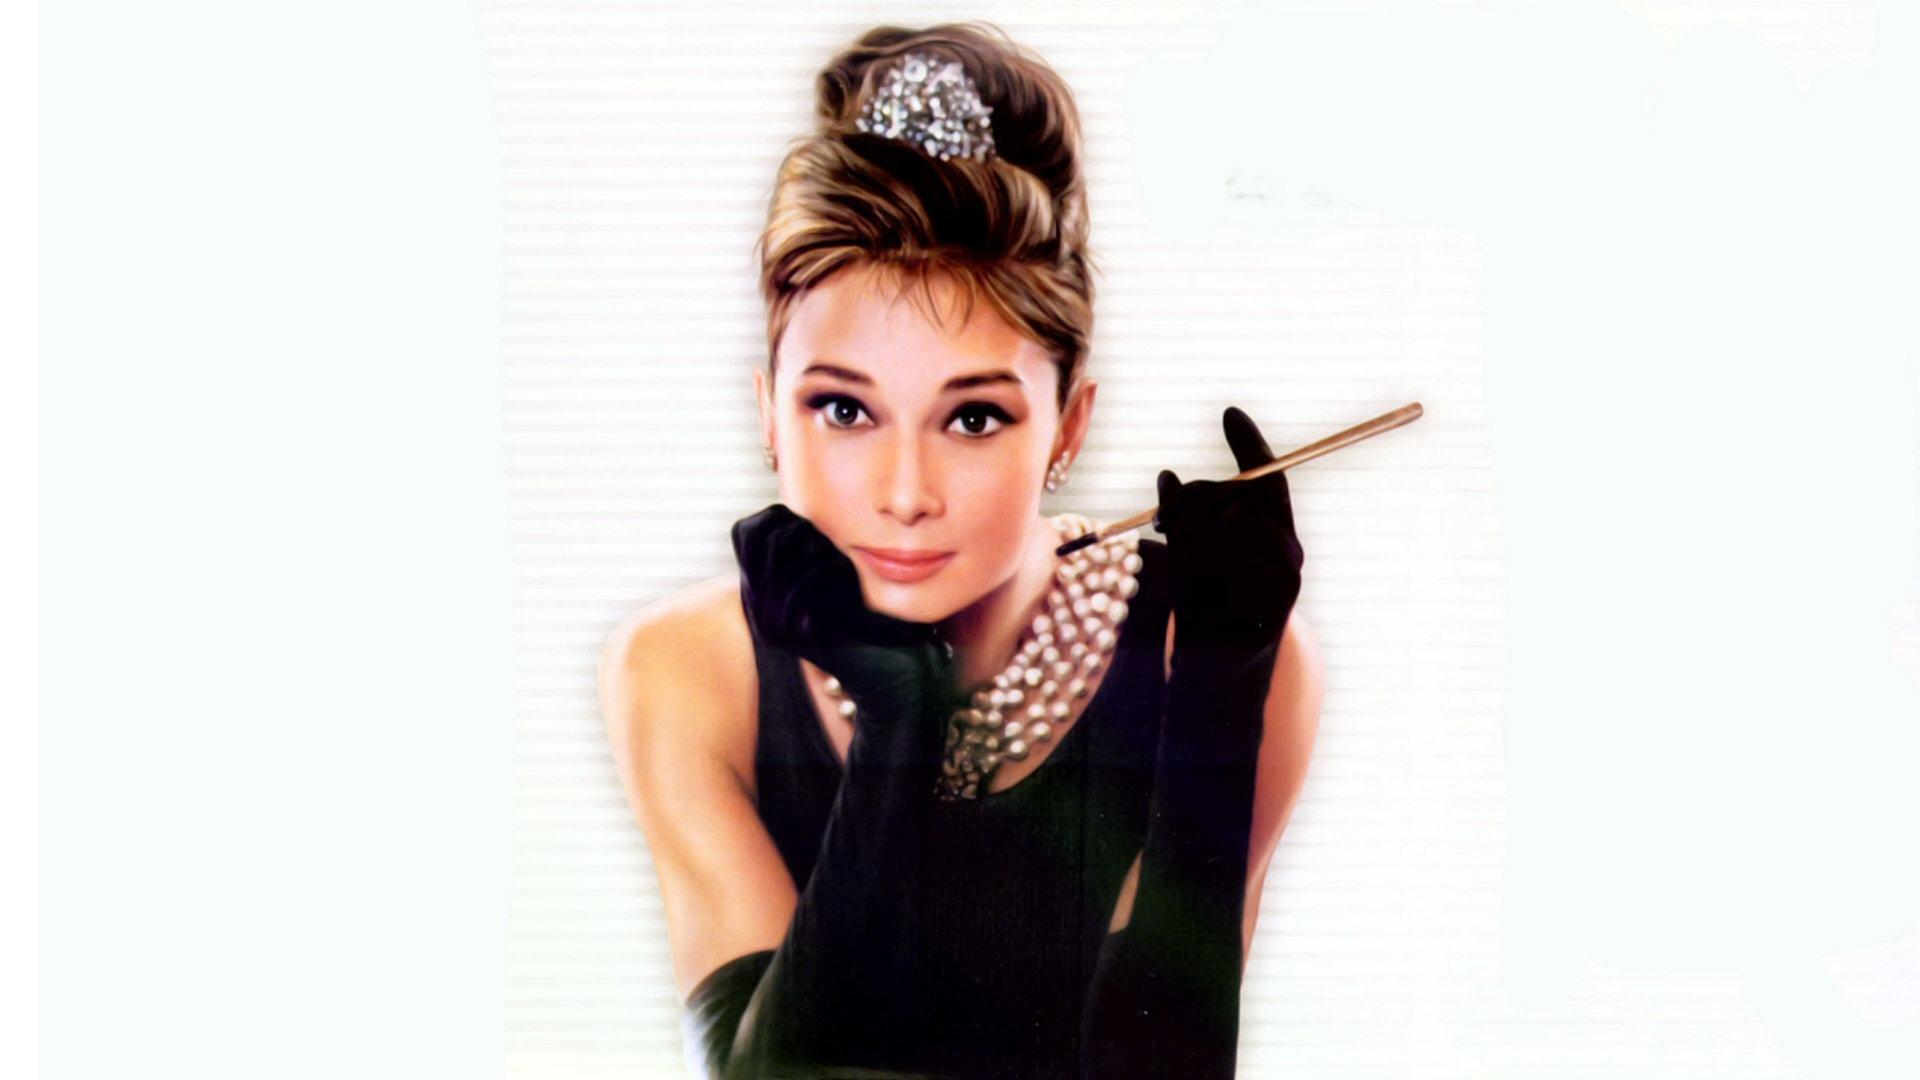 HD Audrey Hepburn Wallpapers 1920x1080